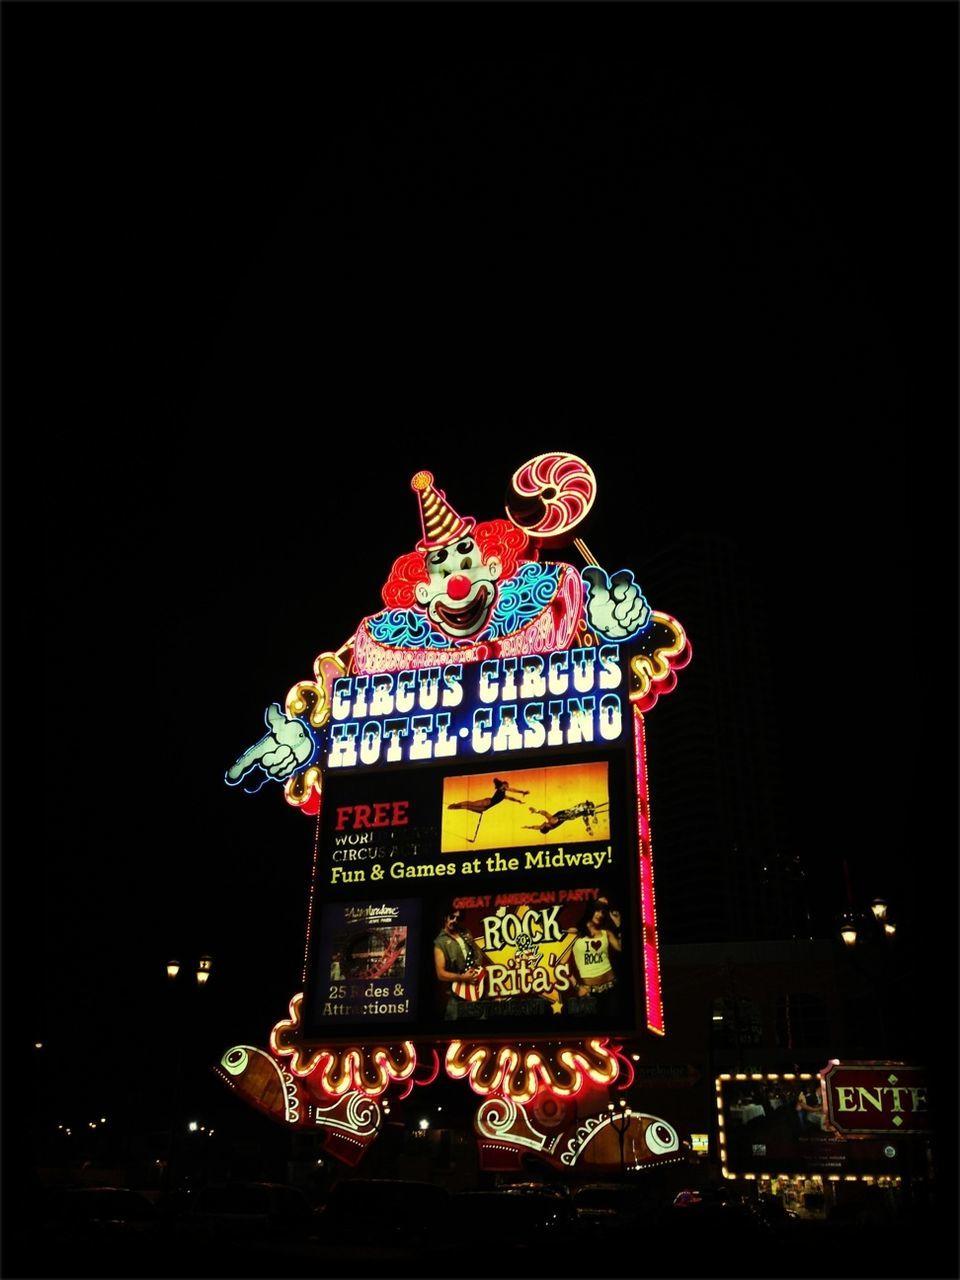 Illuminated circus circus casino sign against sky at night